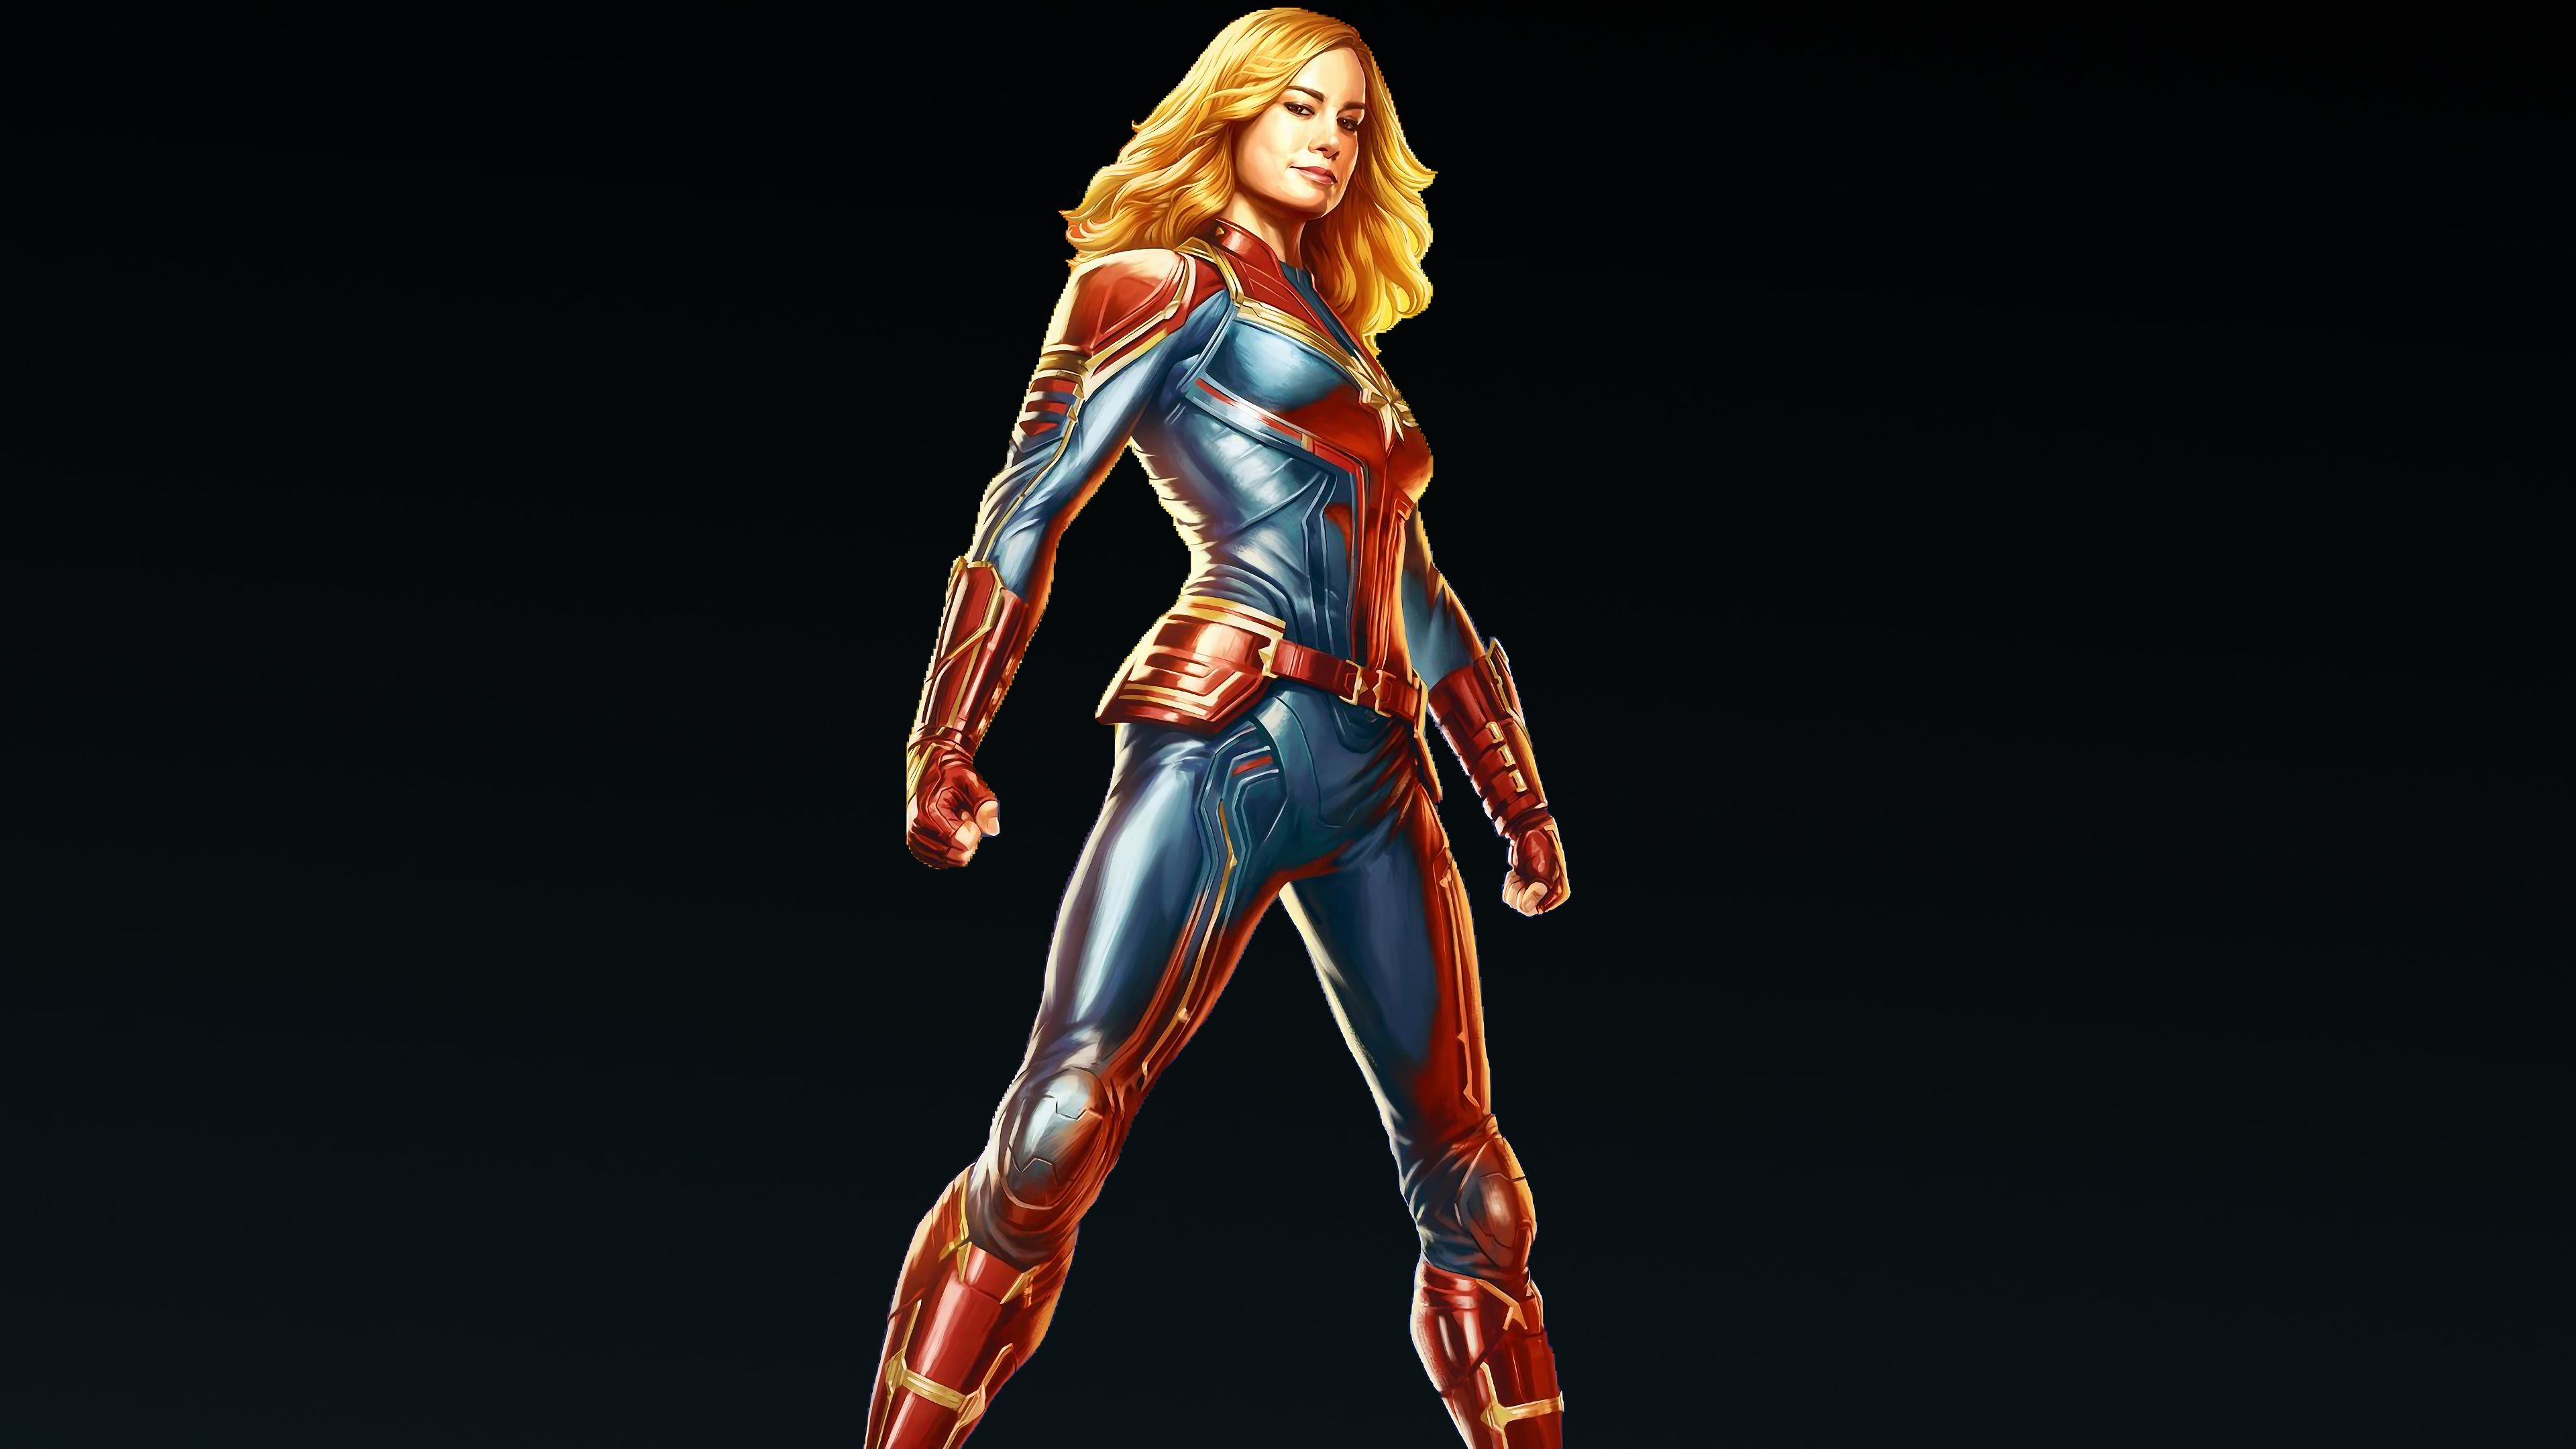 Wallpaper 4k Captain Marvel Carol Danvers 4k 4k Wallpapers Artist